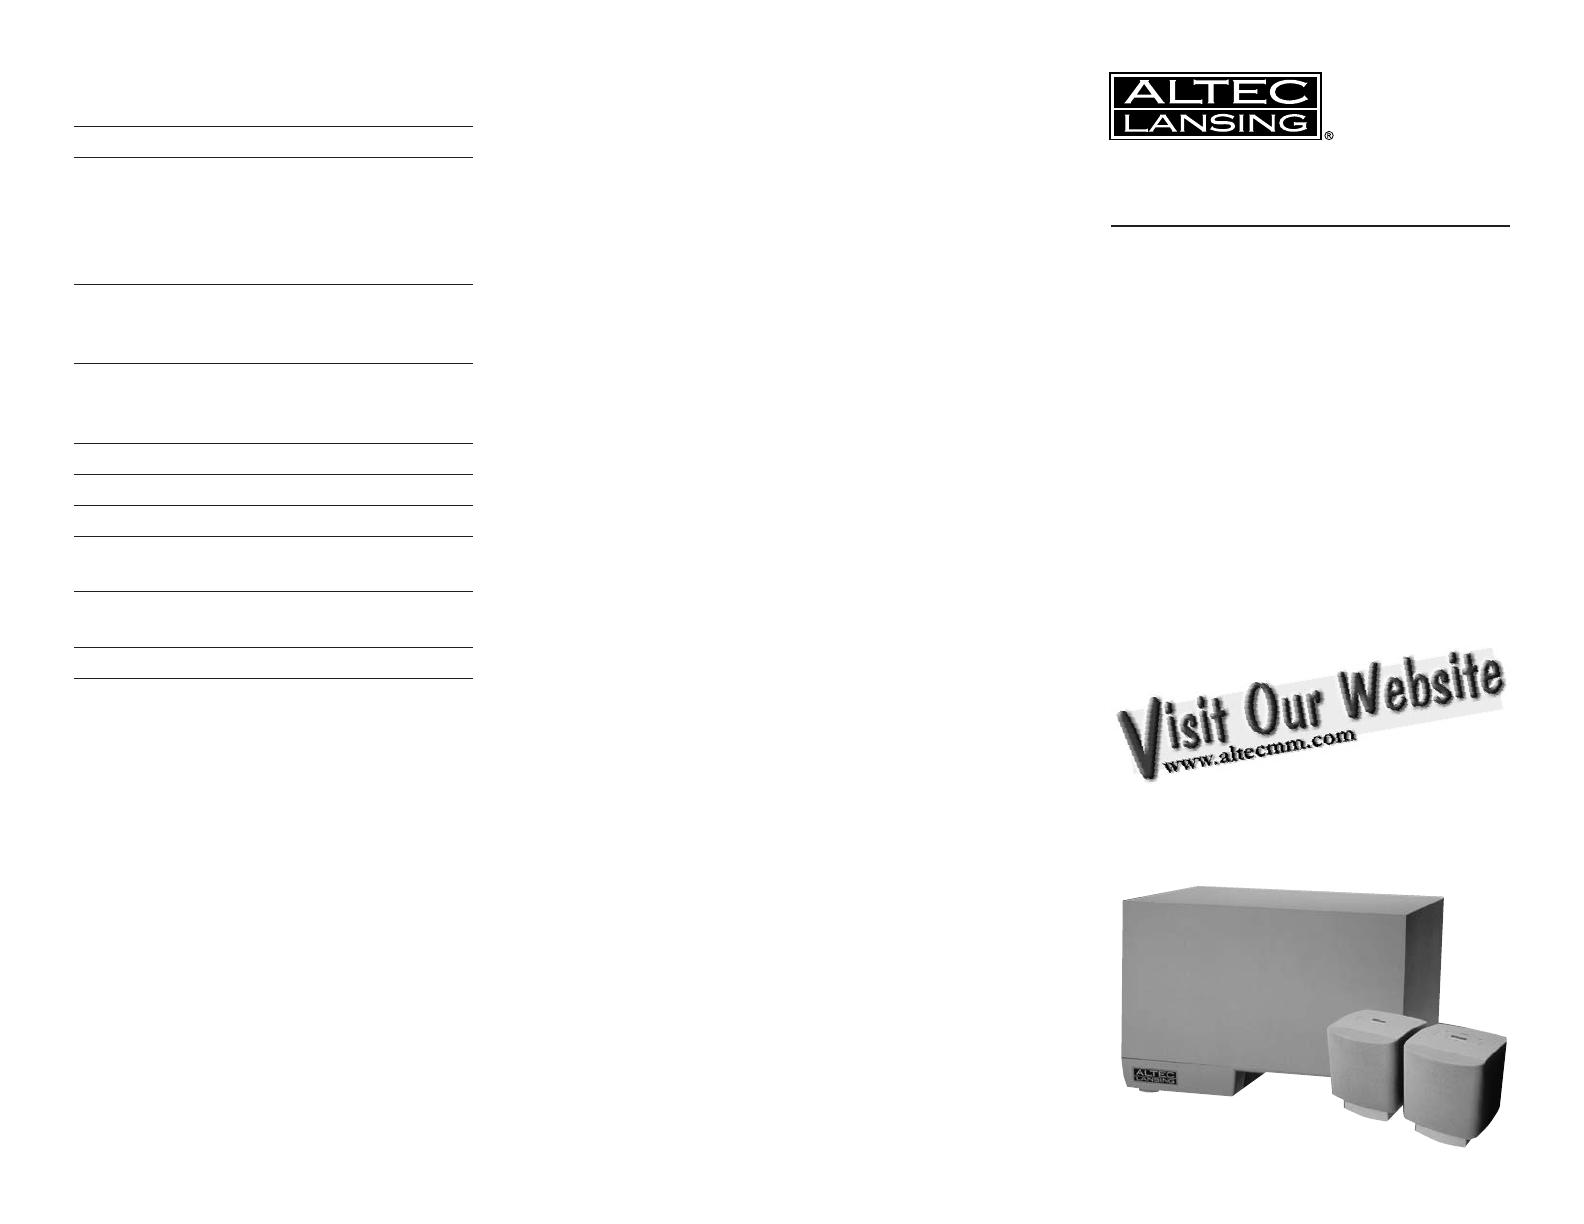 altec lansing speaker system acs45 2 user guide manualsonline com rh audio manualsonline com altec lansing instruction manual altec lansing owners manual